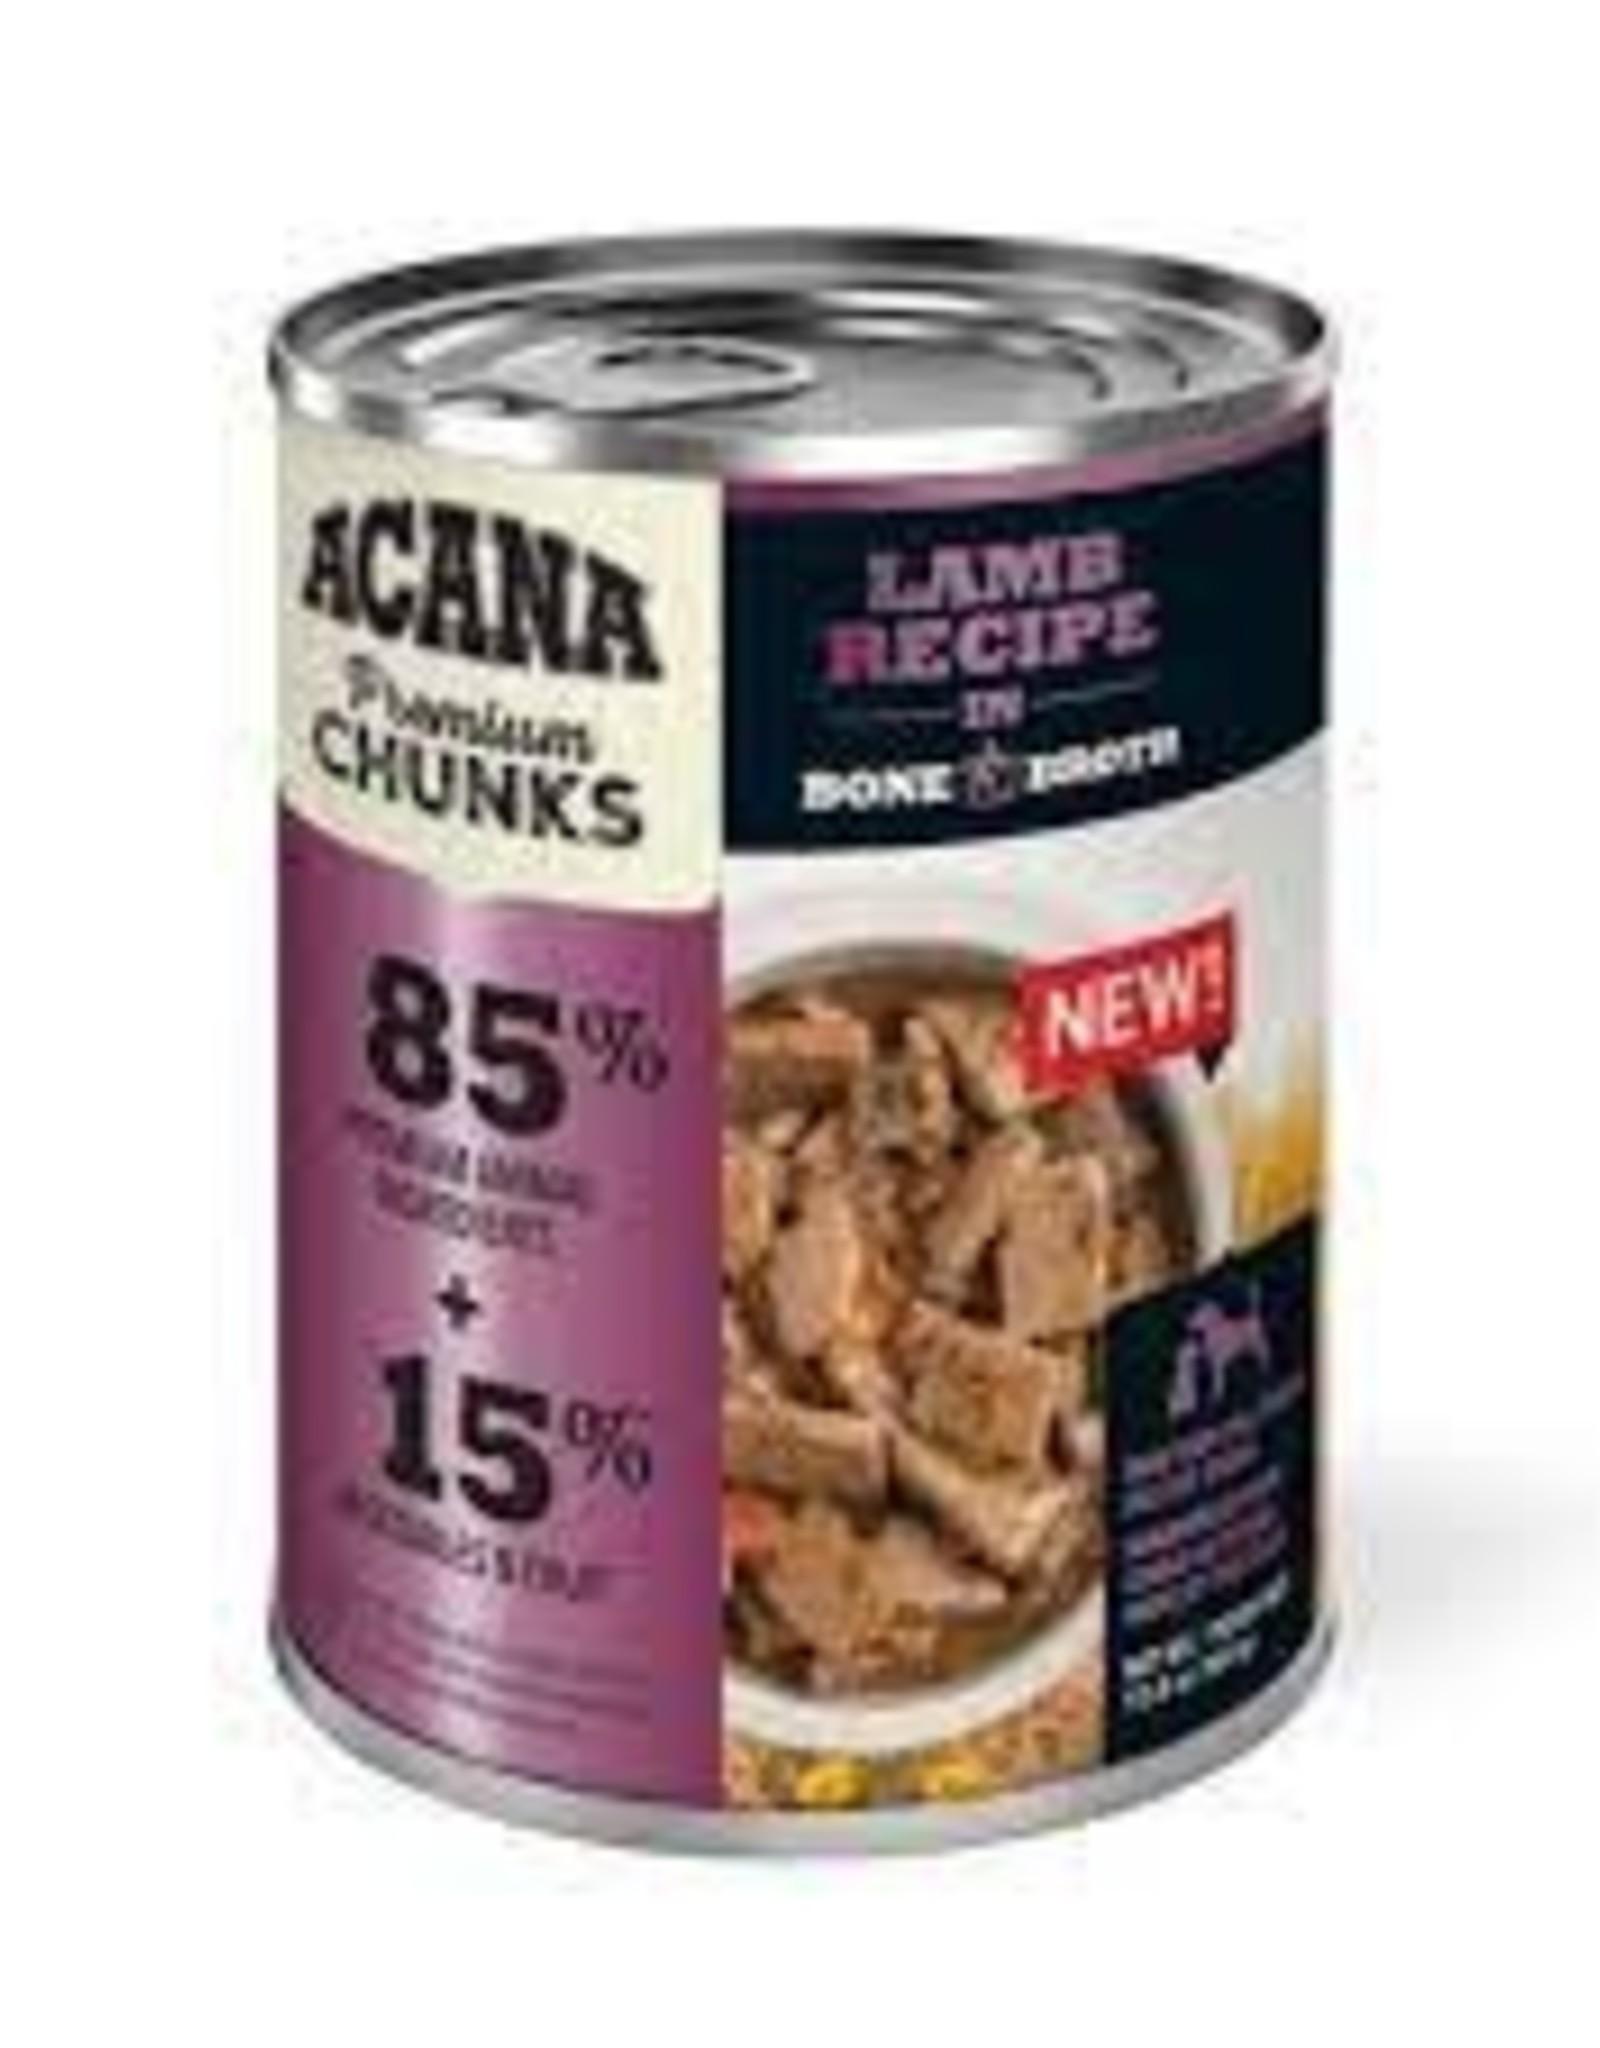 Acana Acana, Premium Chunks, Lamb Recipe in Bone Broth